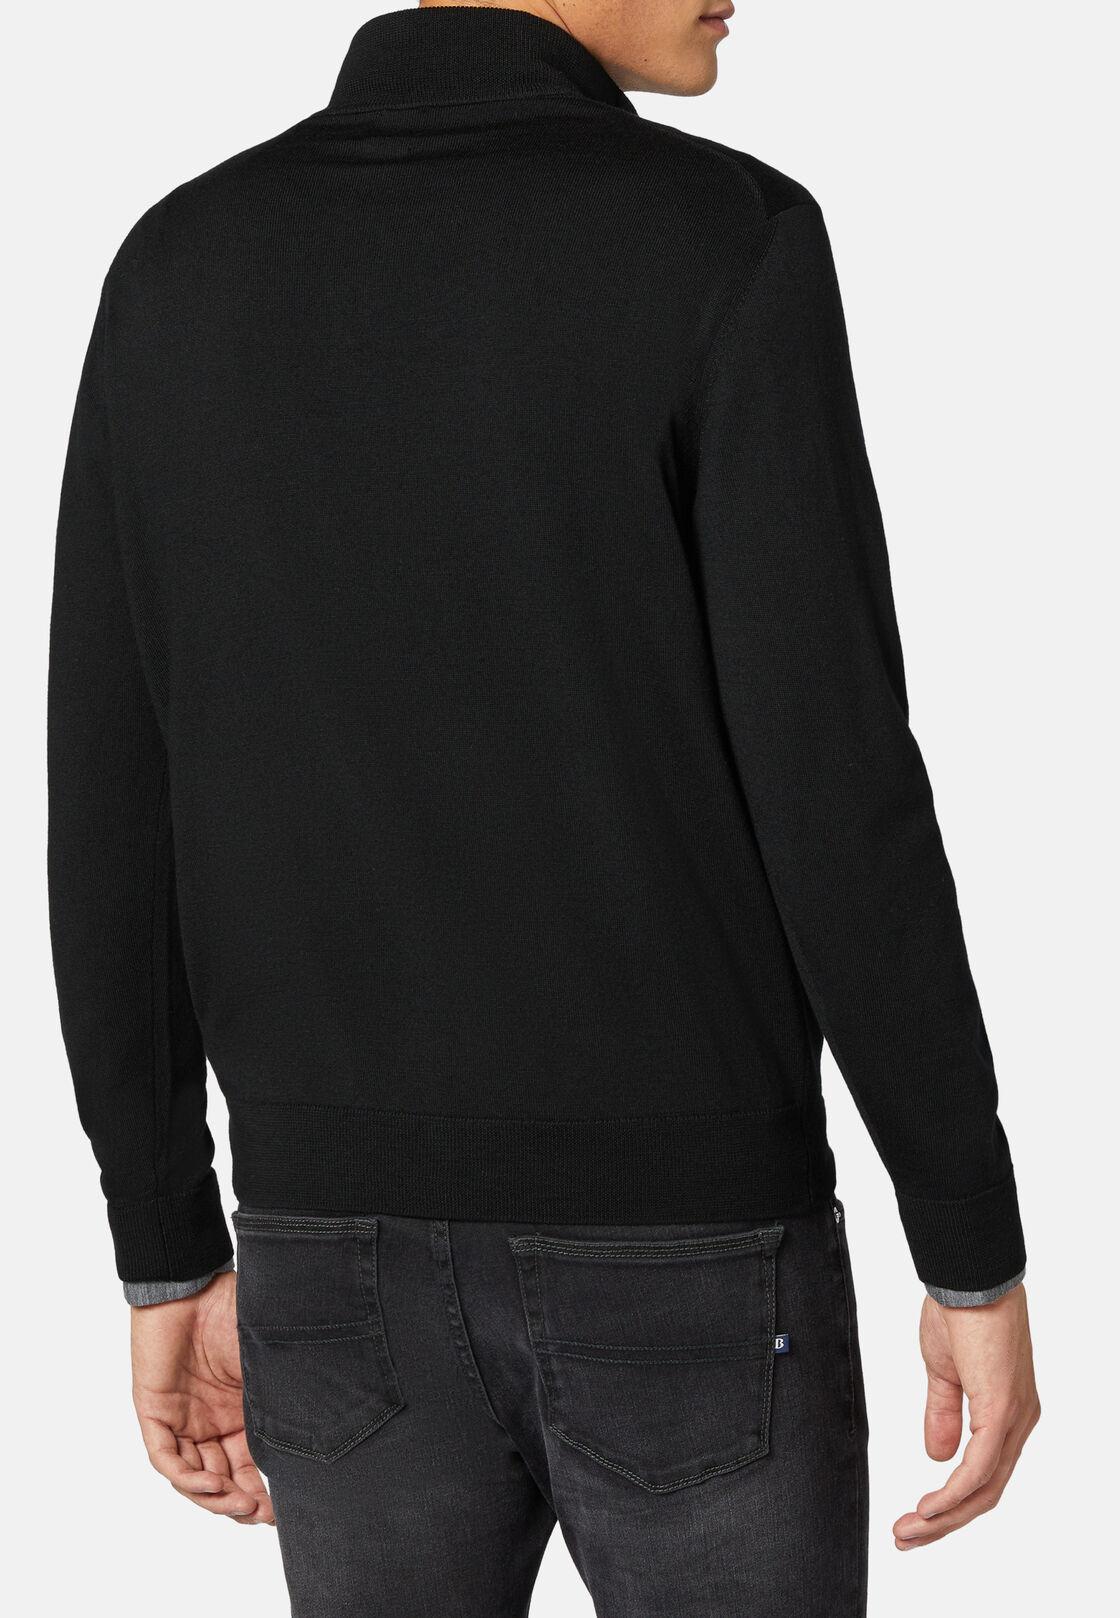 Schwarzer pullover mit halbem reißverschluss aus extrafeiner merinowolle, Schwarz, hi-res